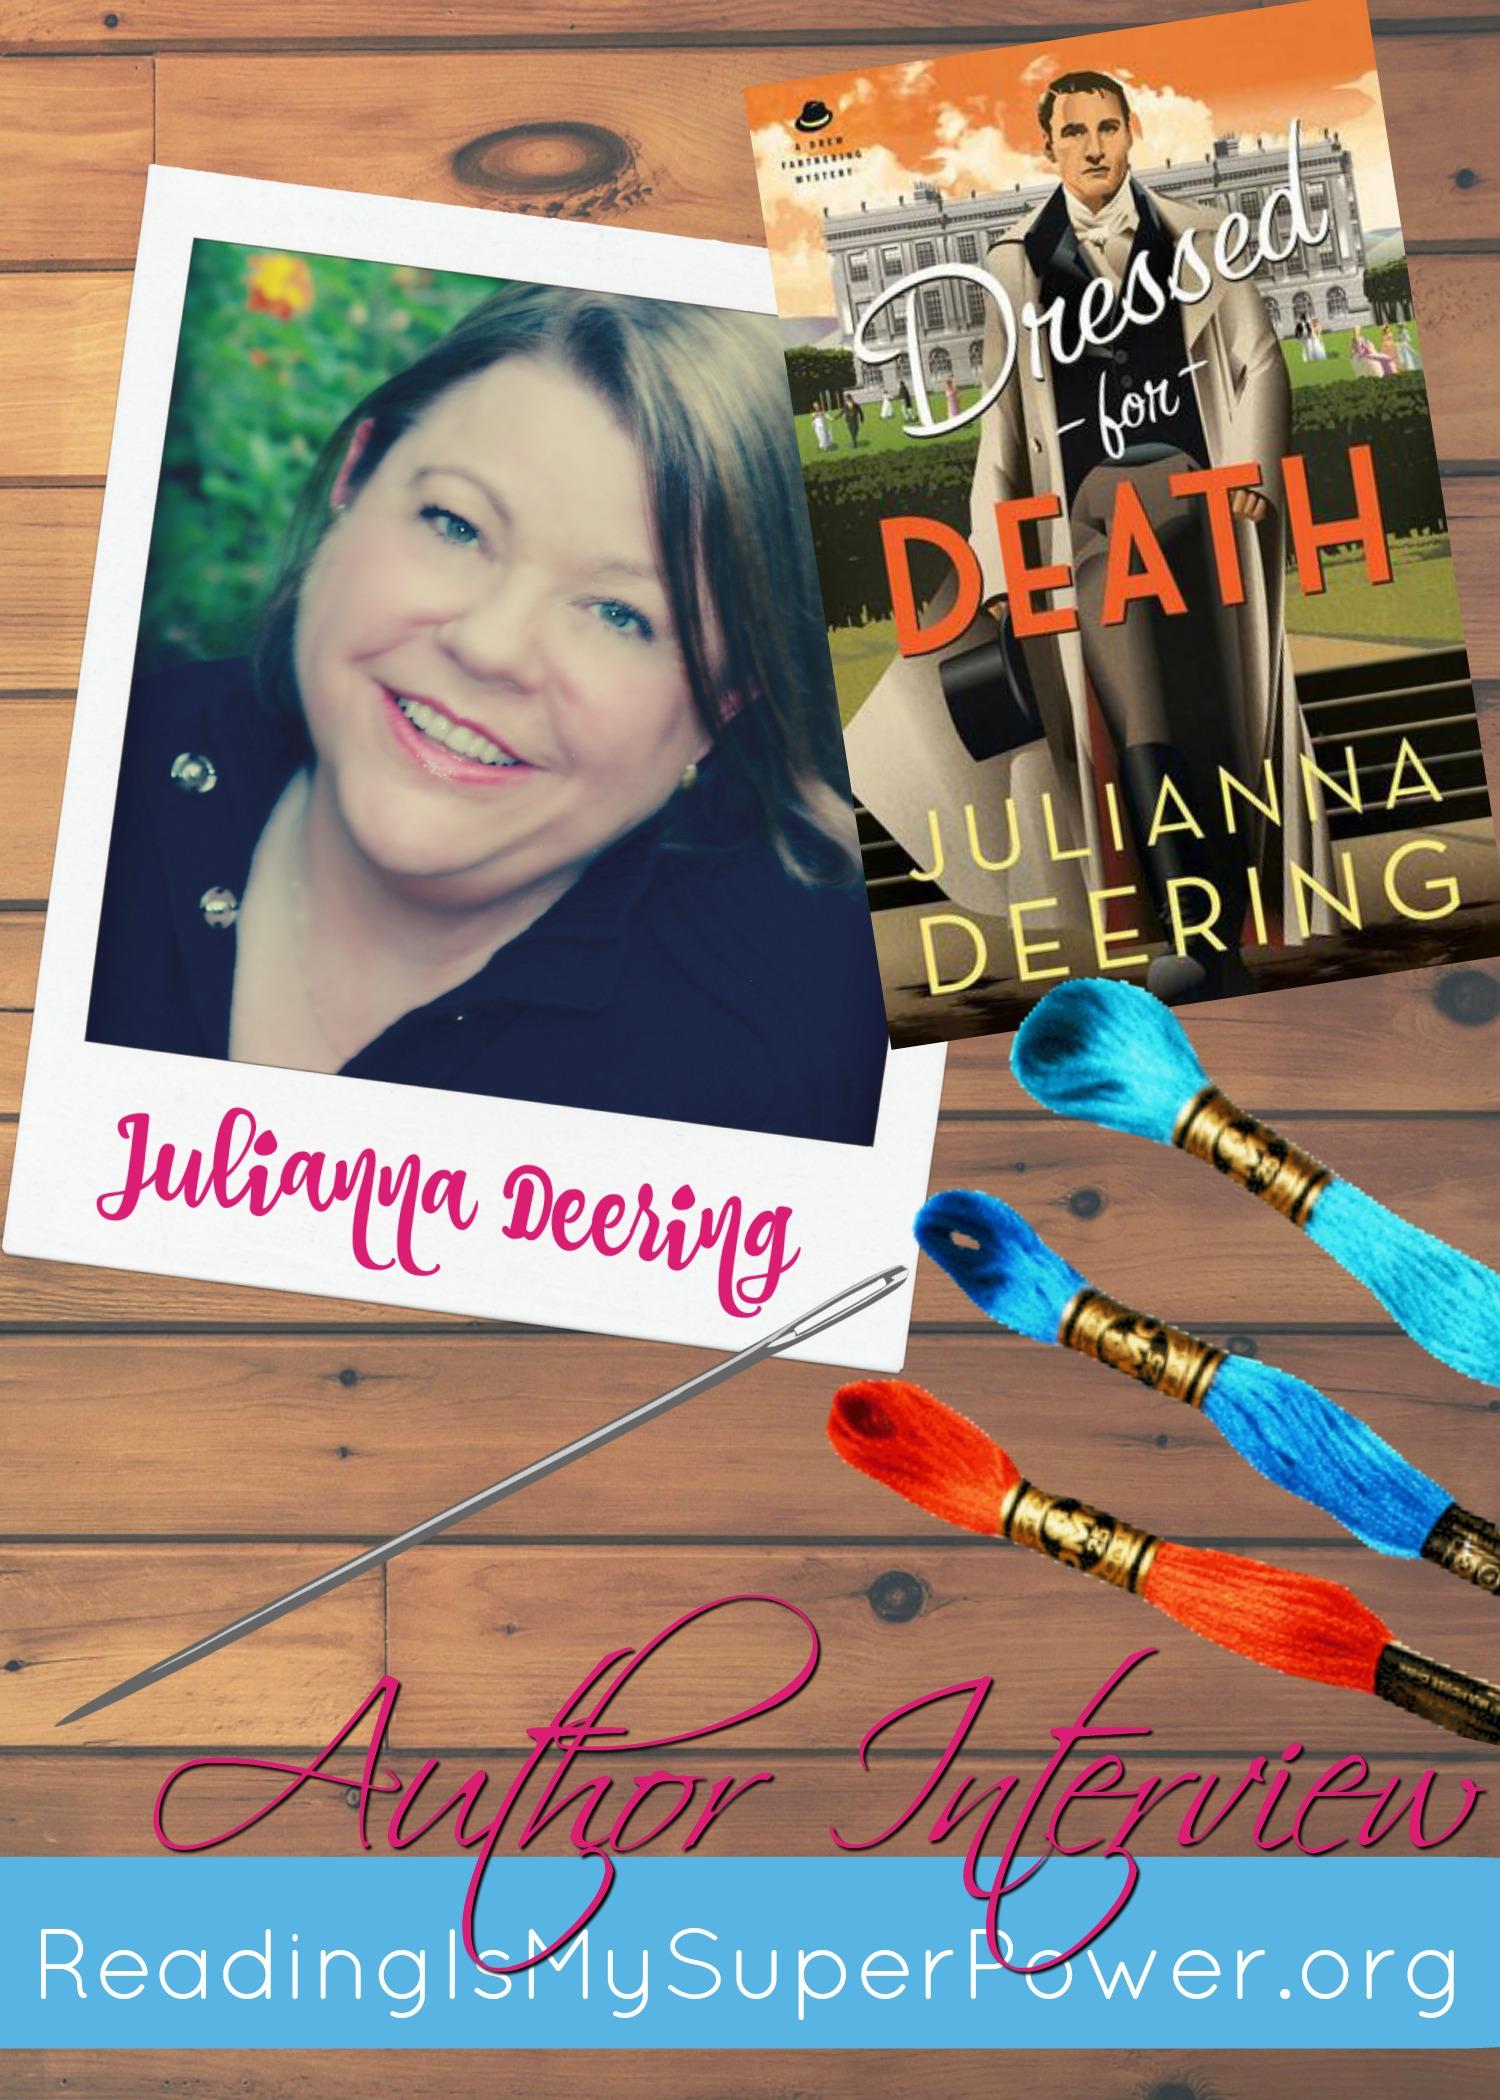 julianna deering author interview